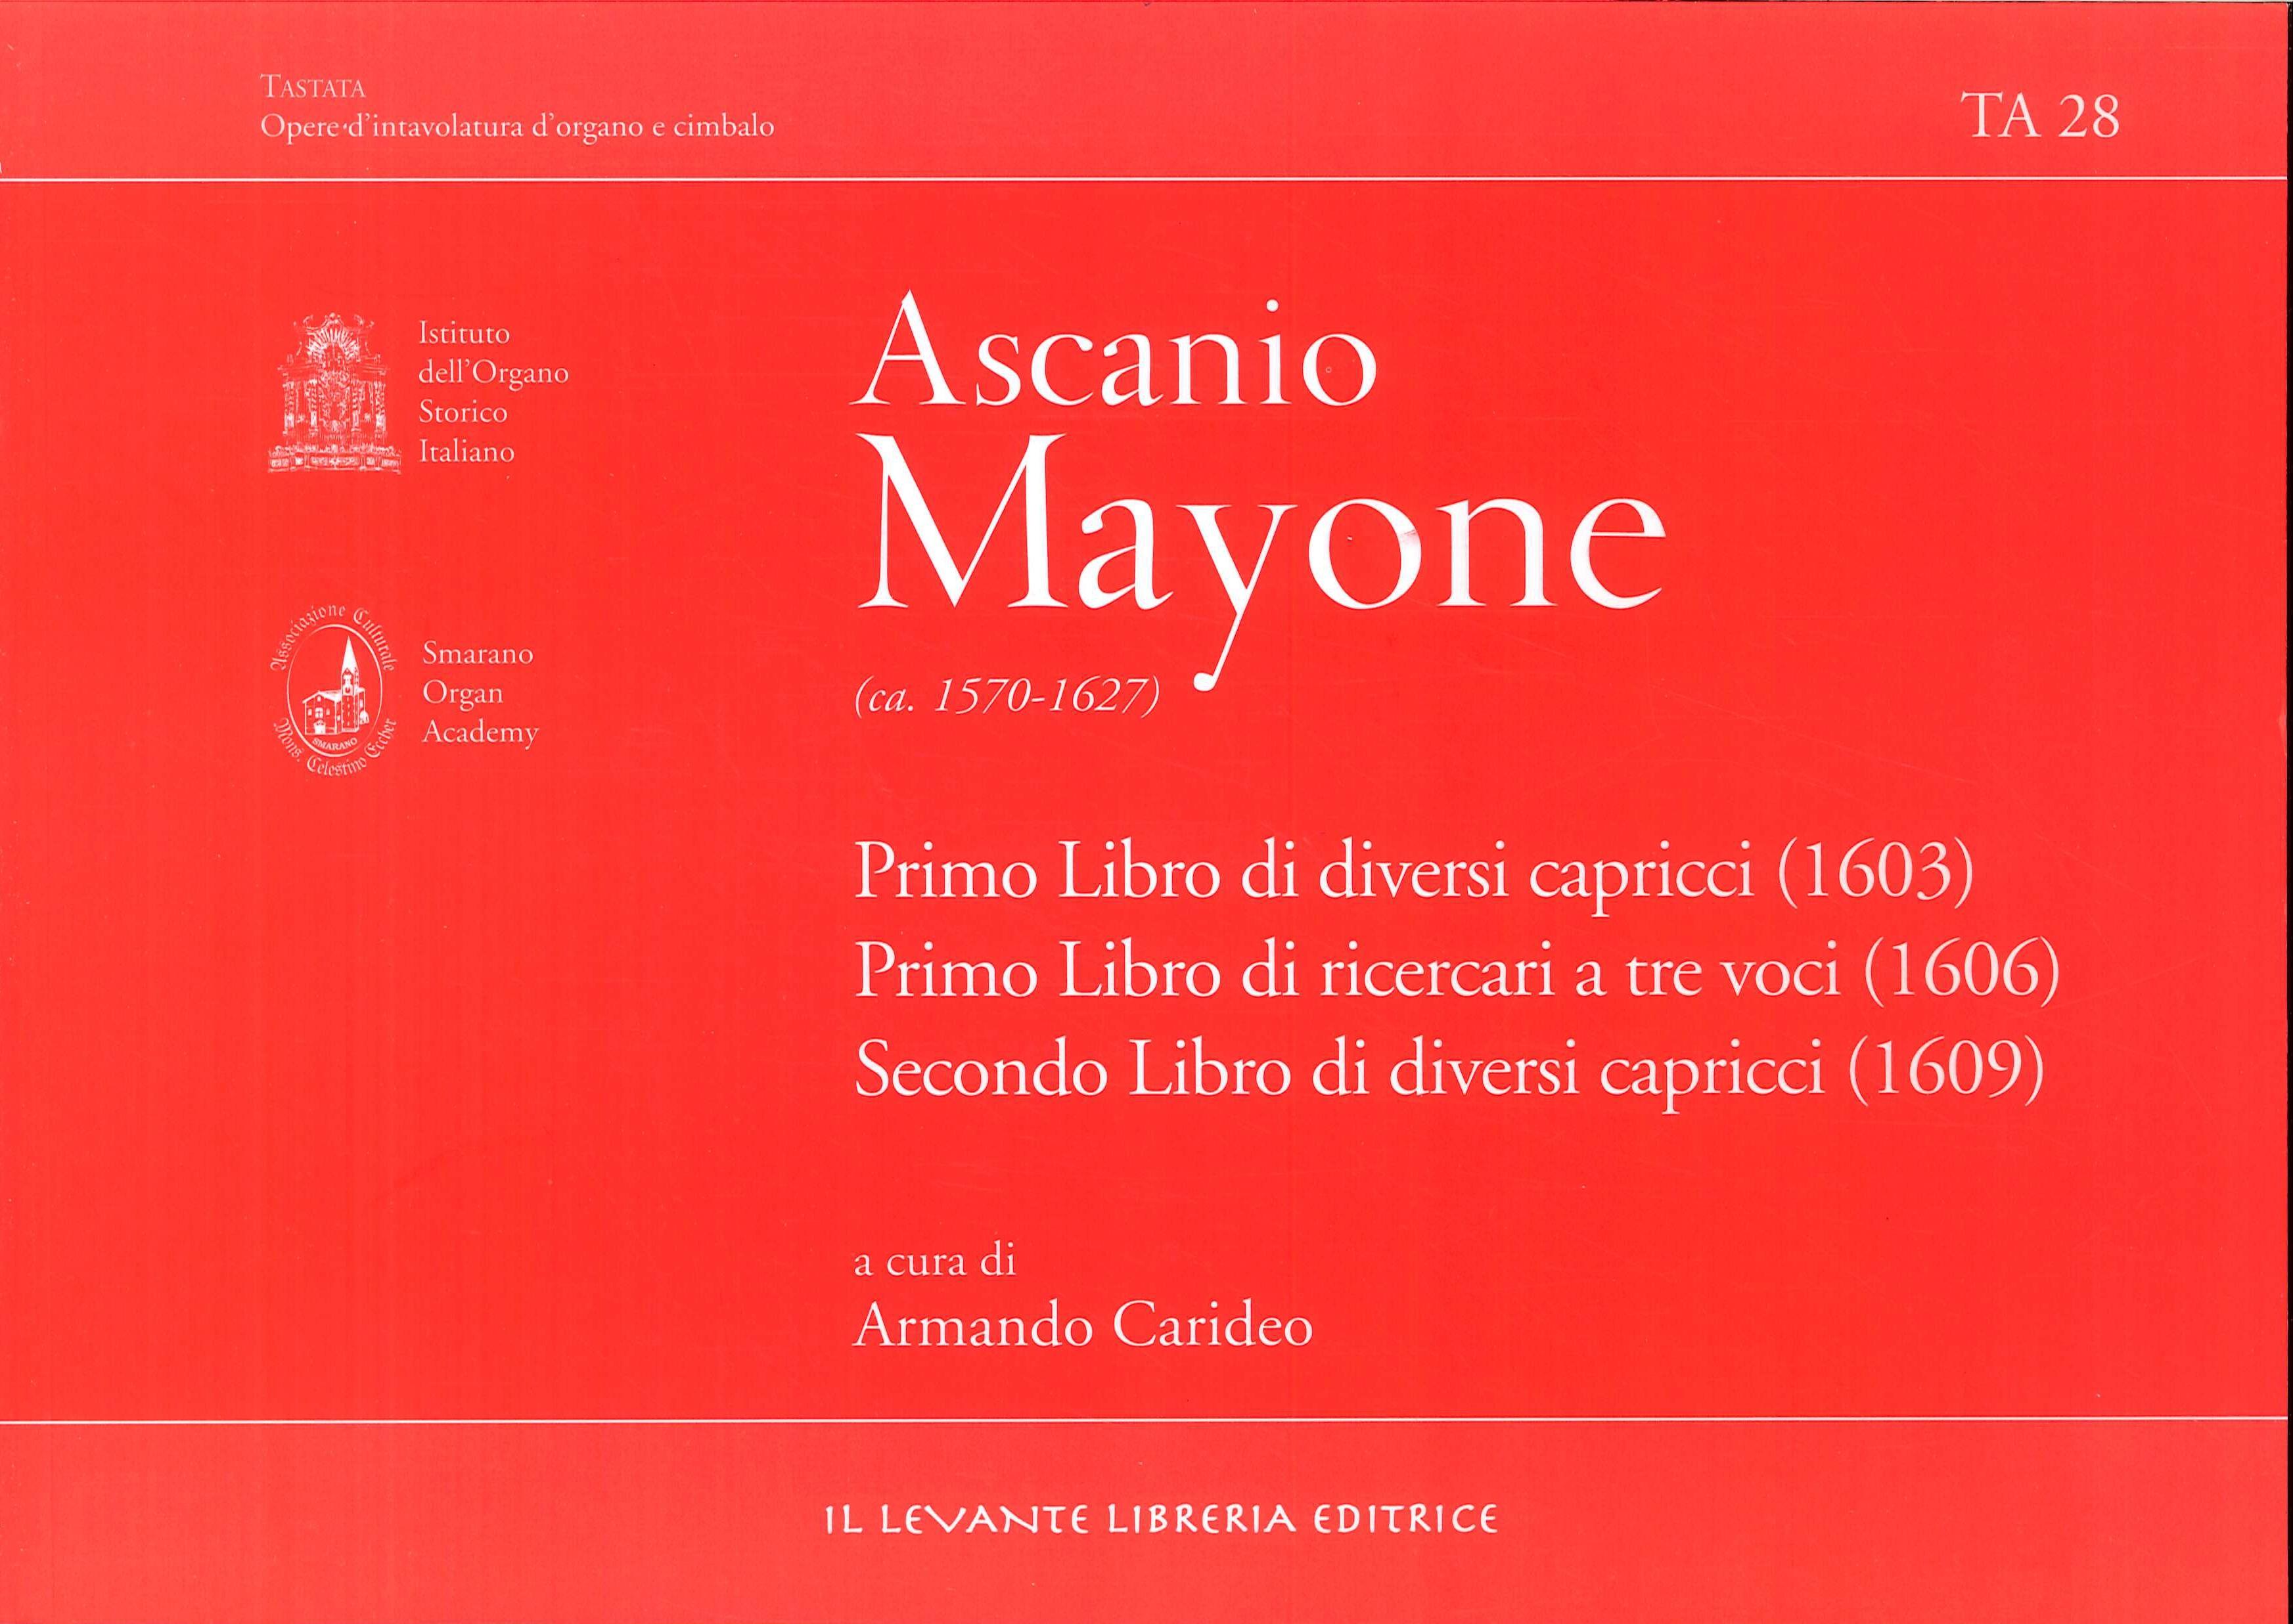 Ascanio Mayone (1570-1627). Primo libro di diversi capricci (1603). Primo libro di ricercari a tre voci (1606). Secondo libro di diversi capricci (1609)